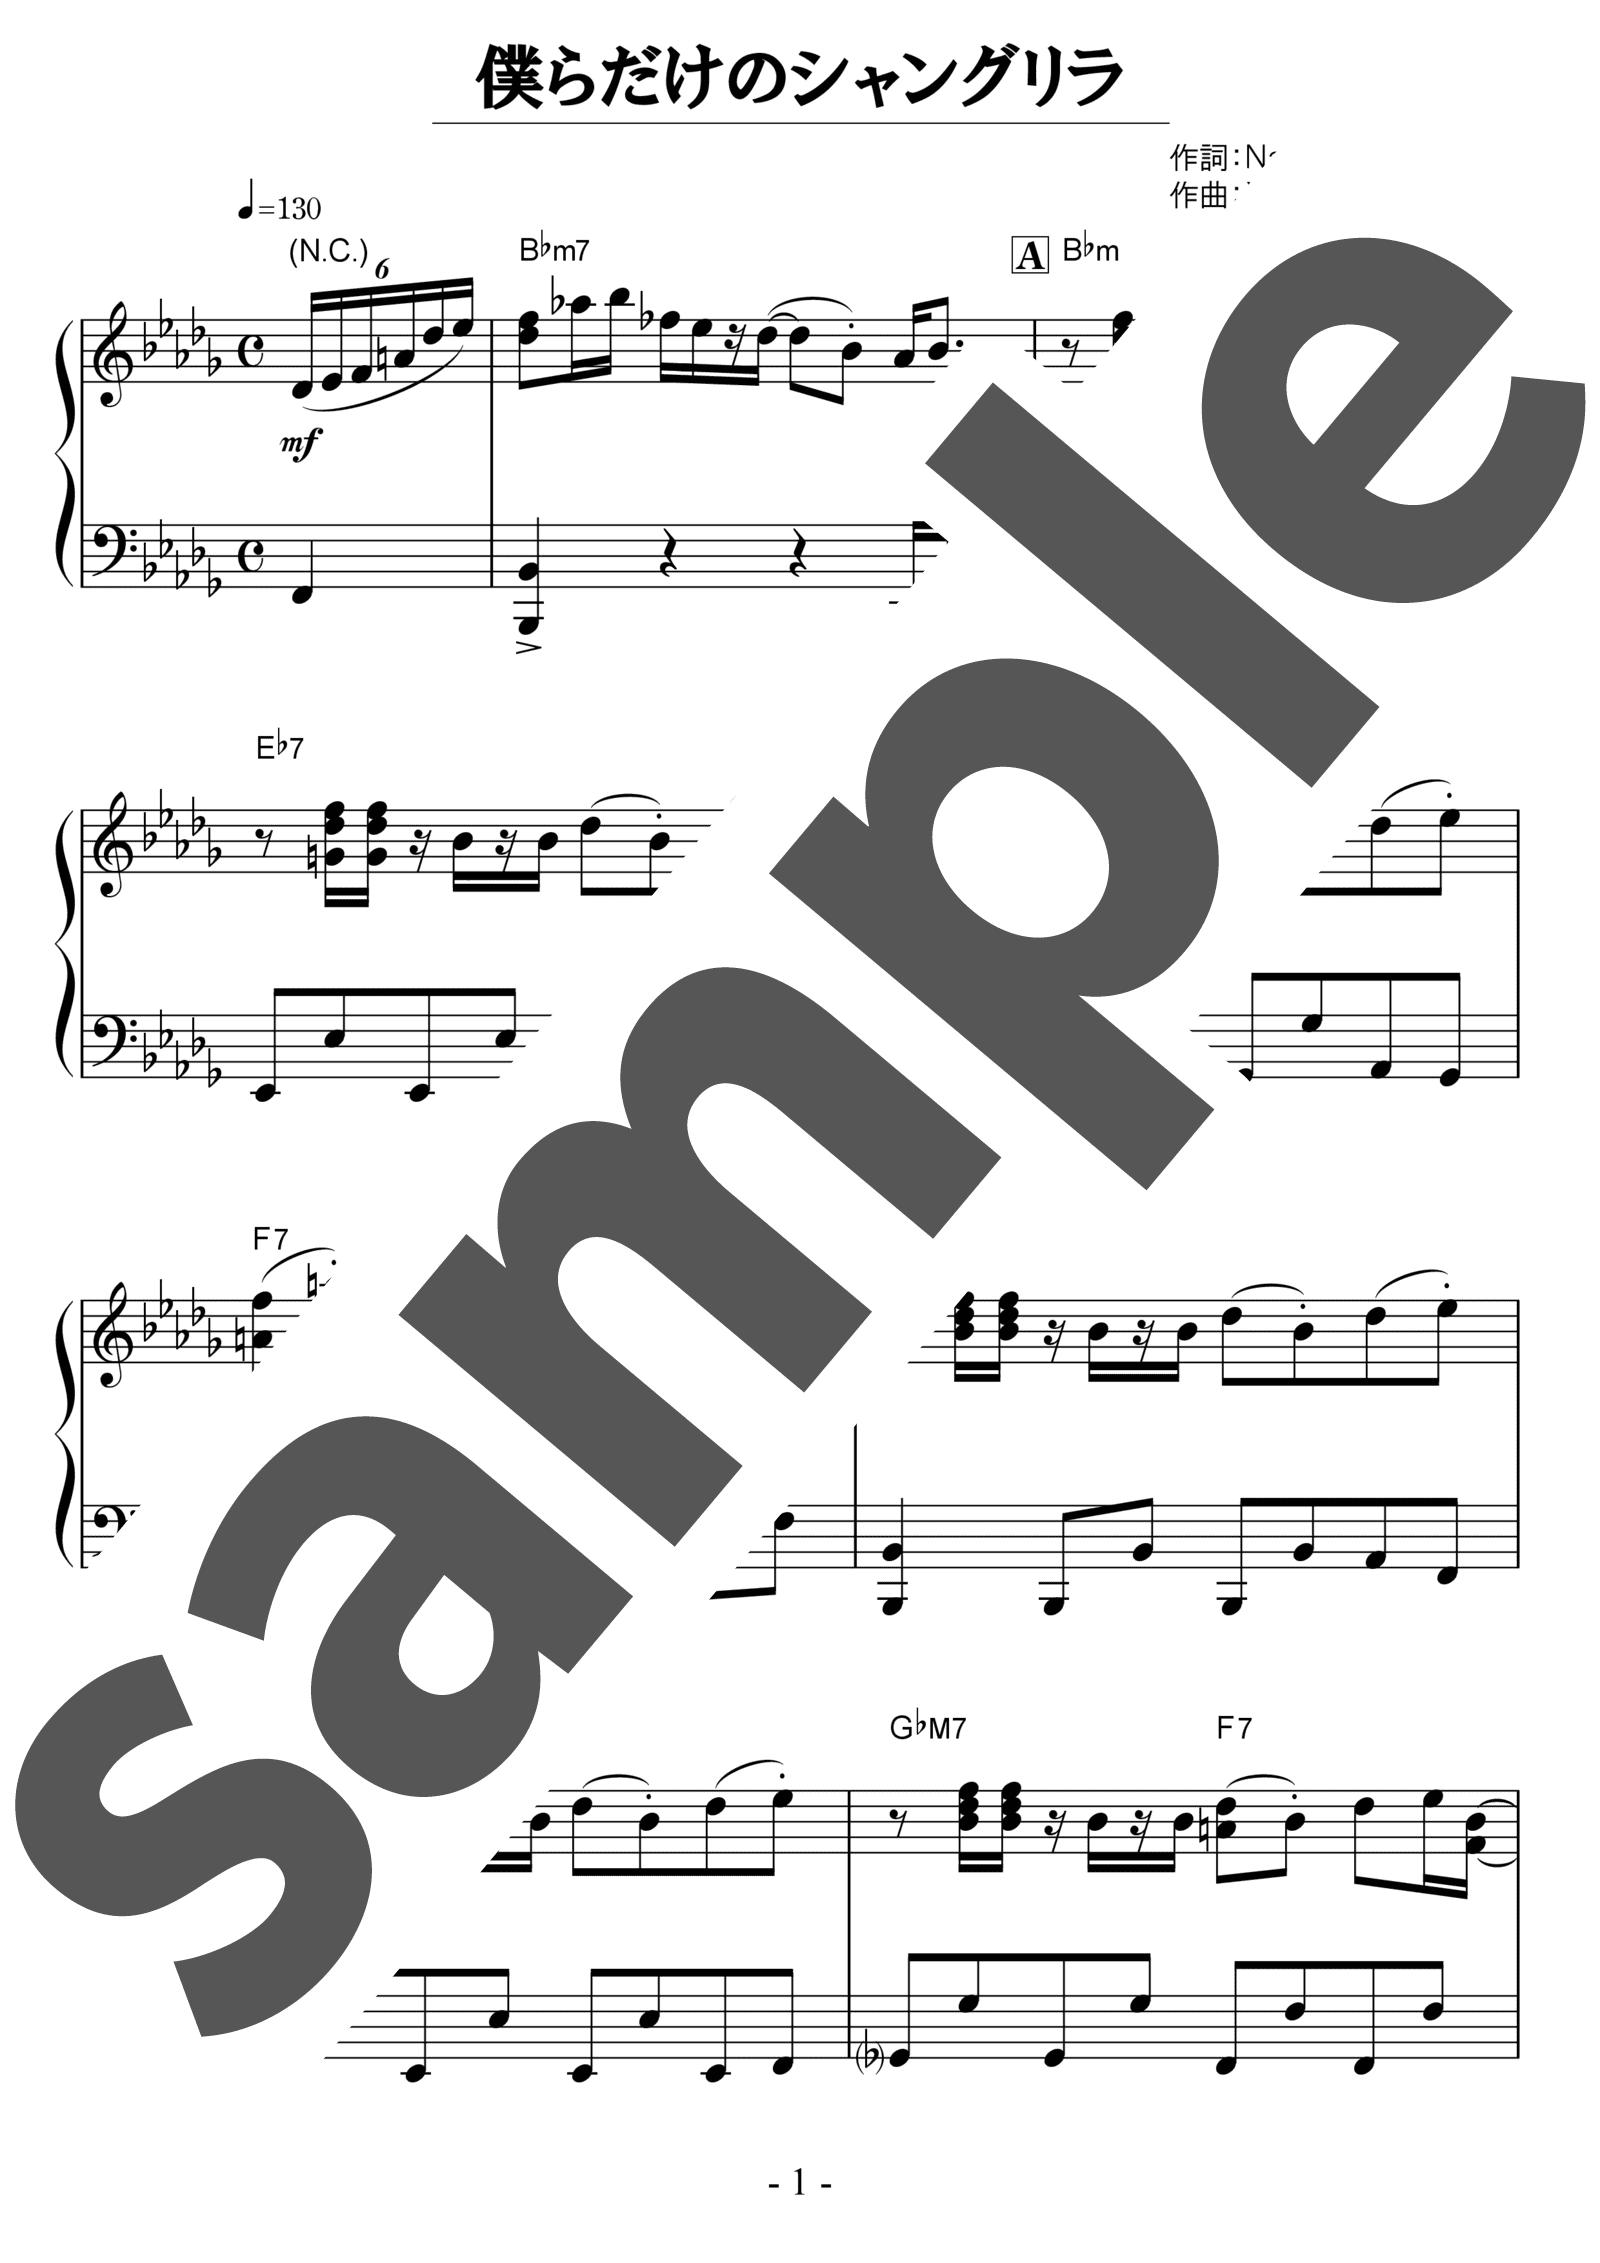 「僕らだけのシャングリラ」のサンプル楽譜